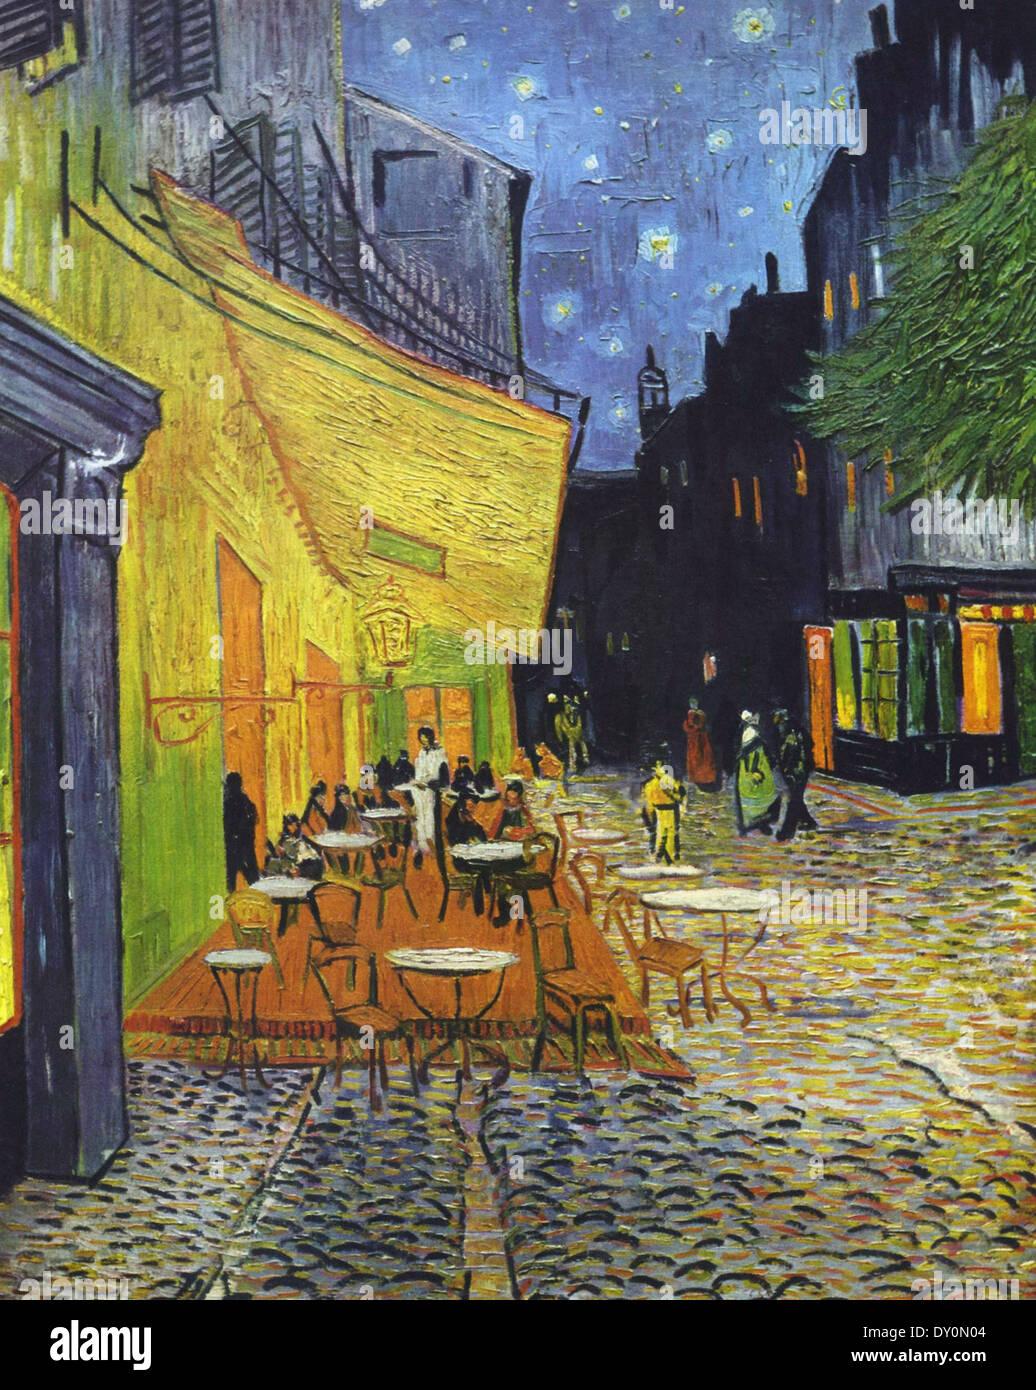 Vincent Van Gogh Cafe Terrasse Bei Nacht Stockfoto Bild 68243284